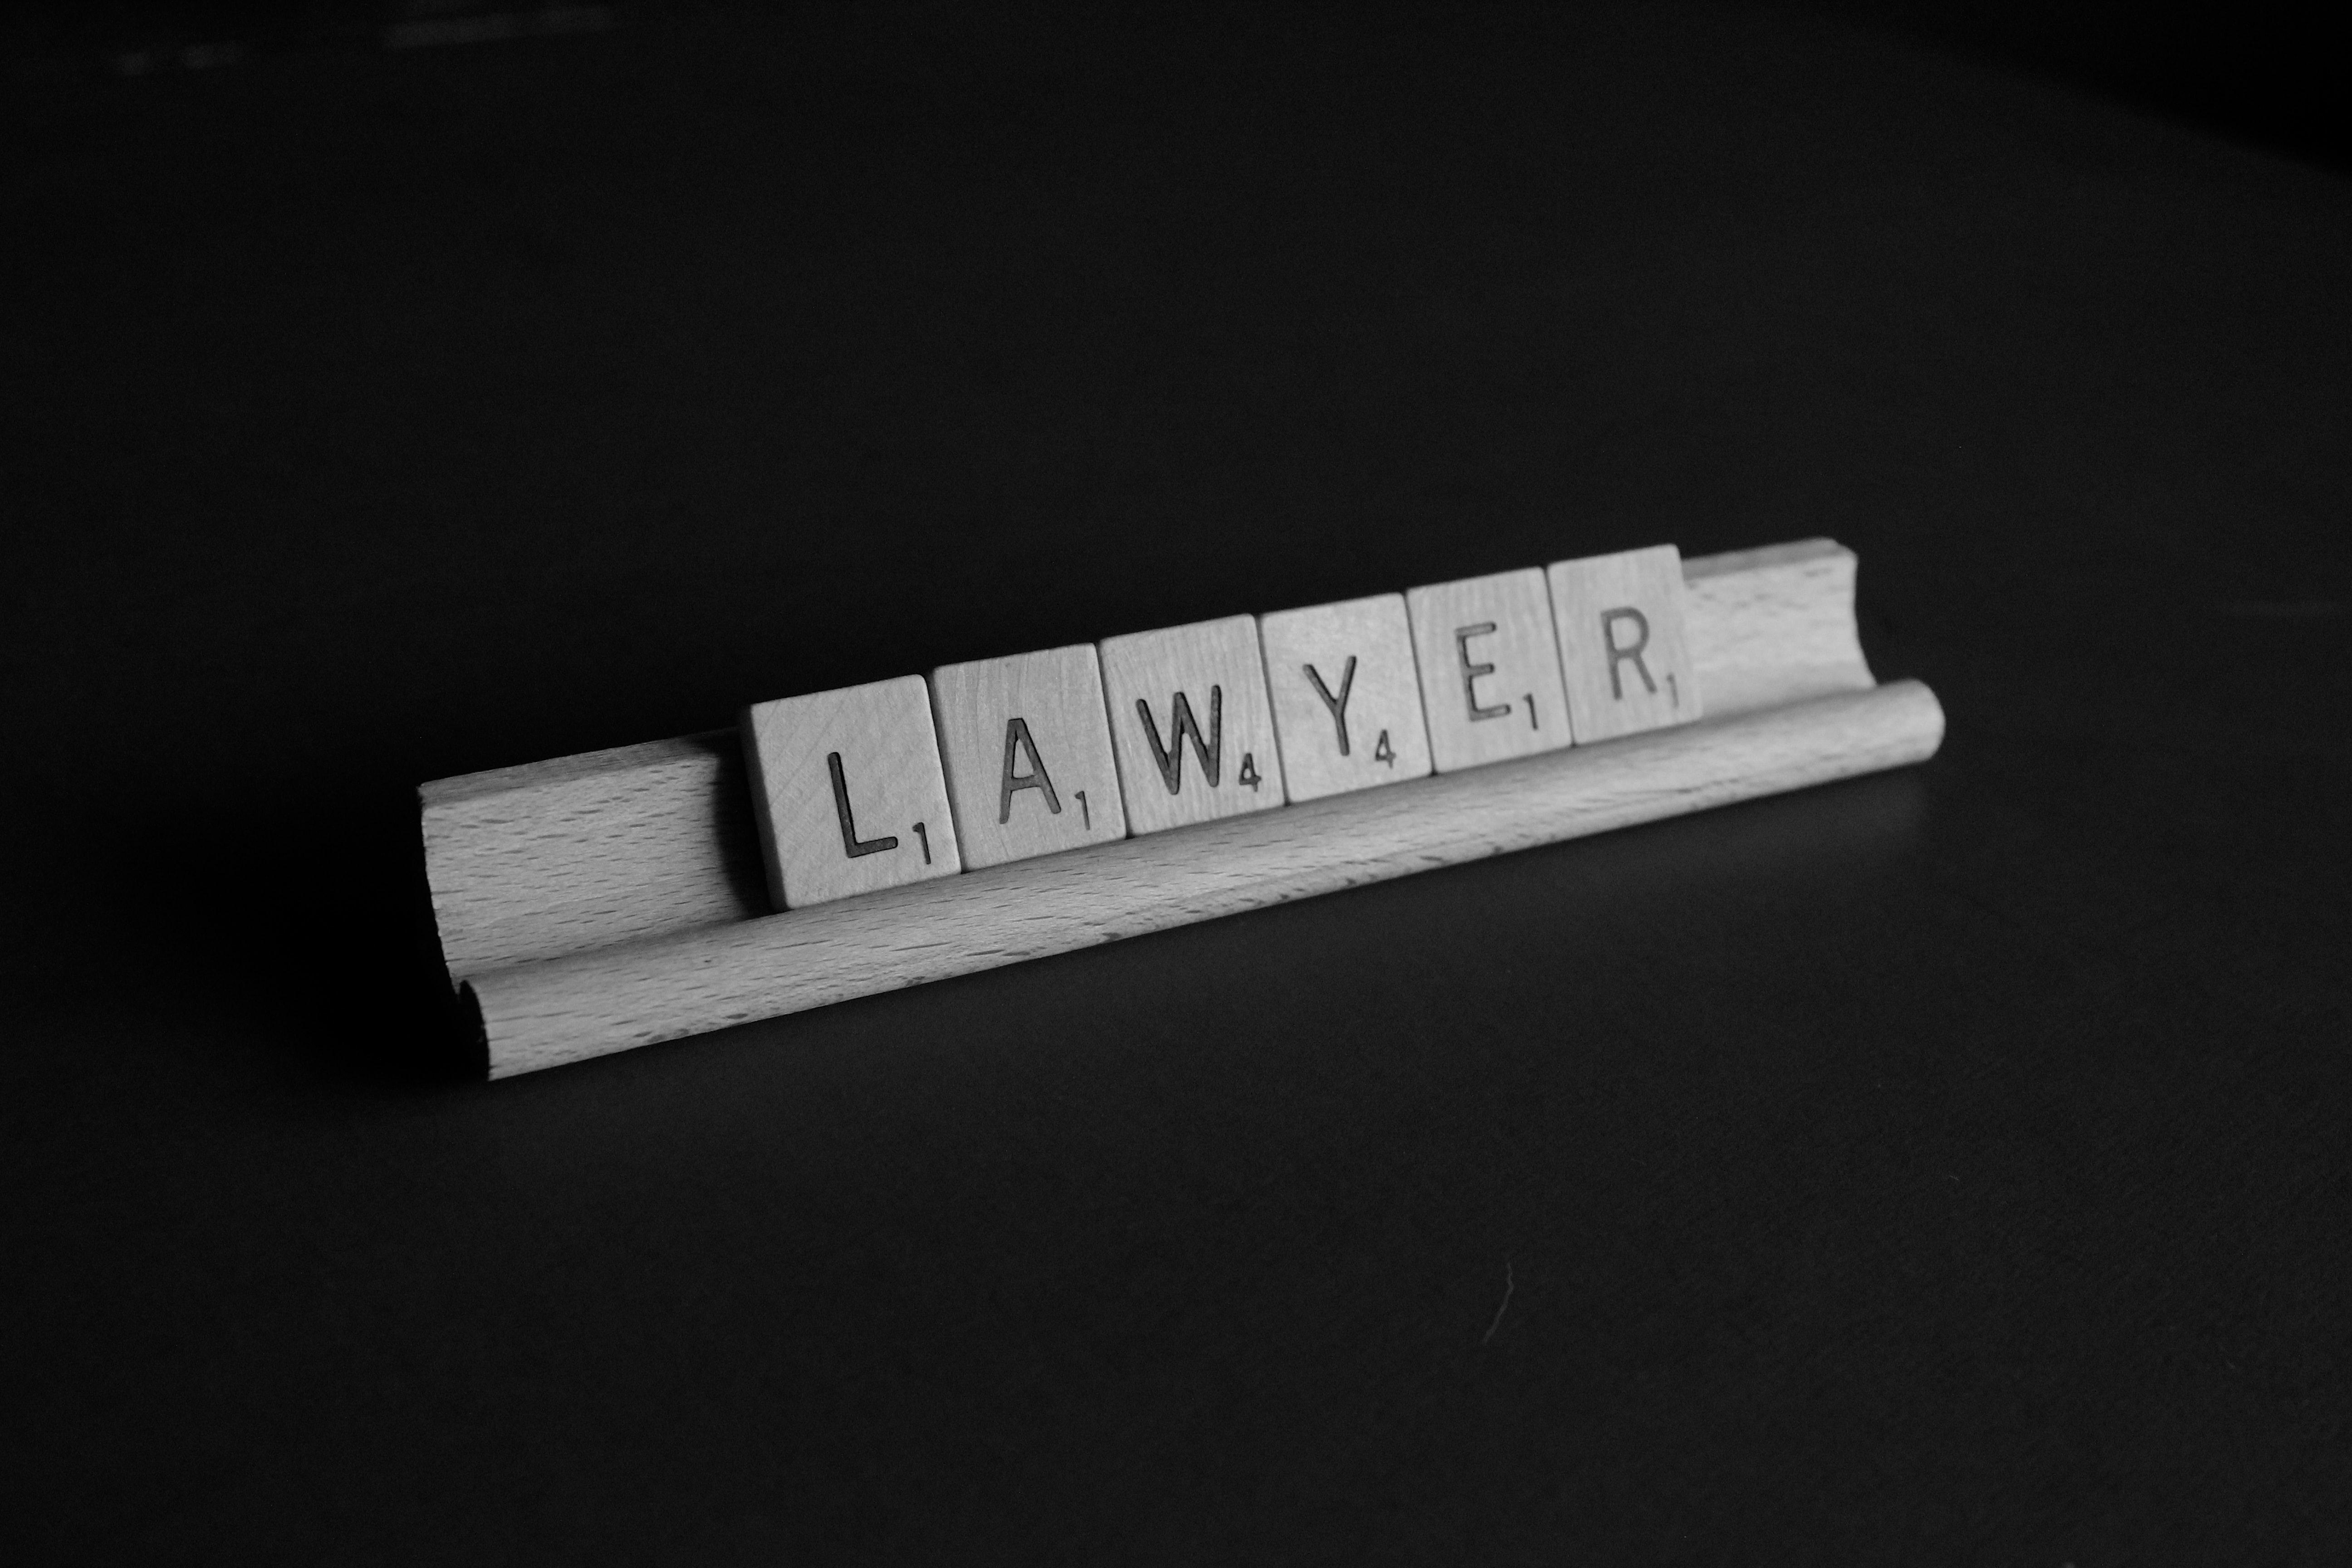 """Tiles spelling """"Lawyer."""" Image by Melinda Gimpel, via Unsplash.com."""